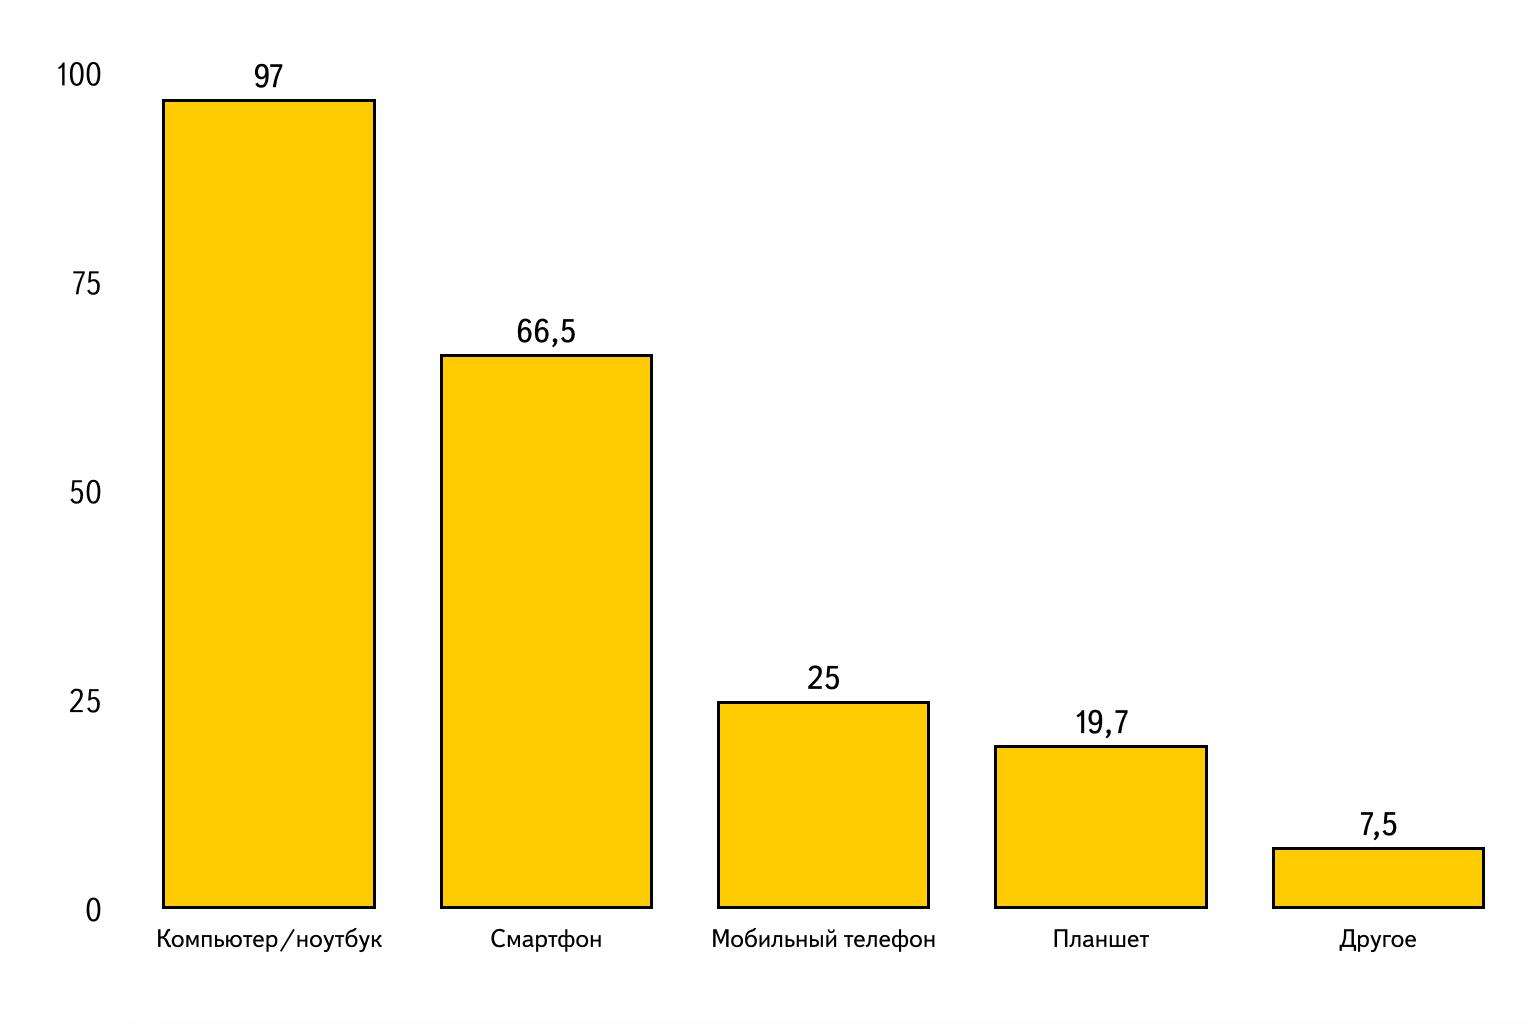 Диаграмма по данным таблицы 1